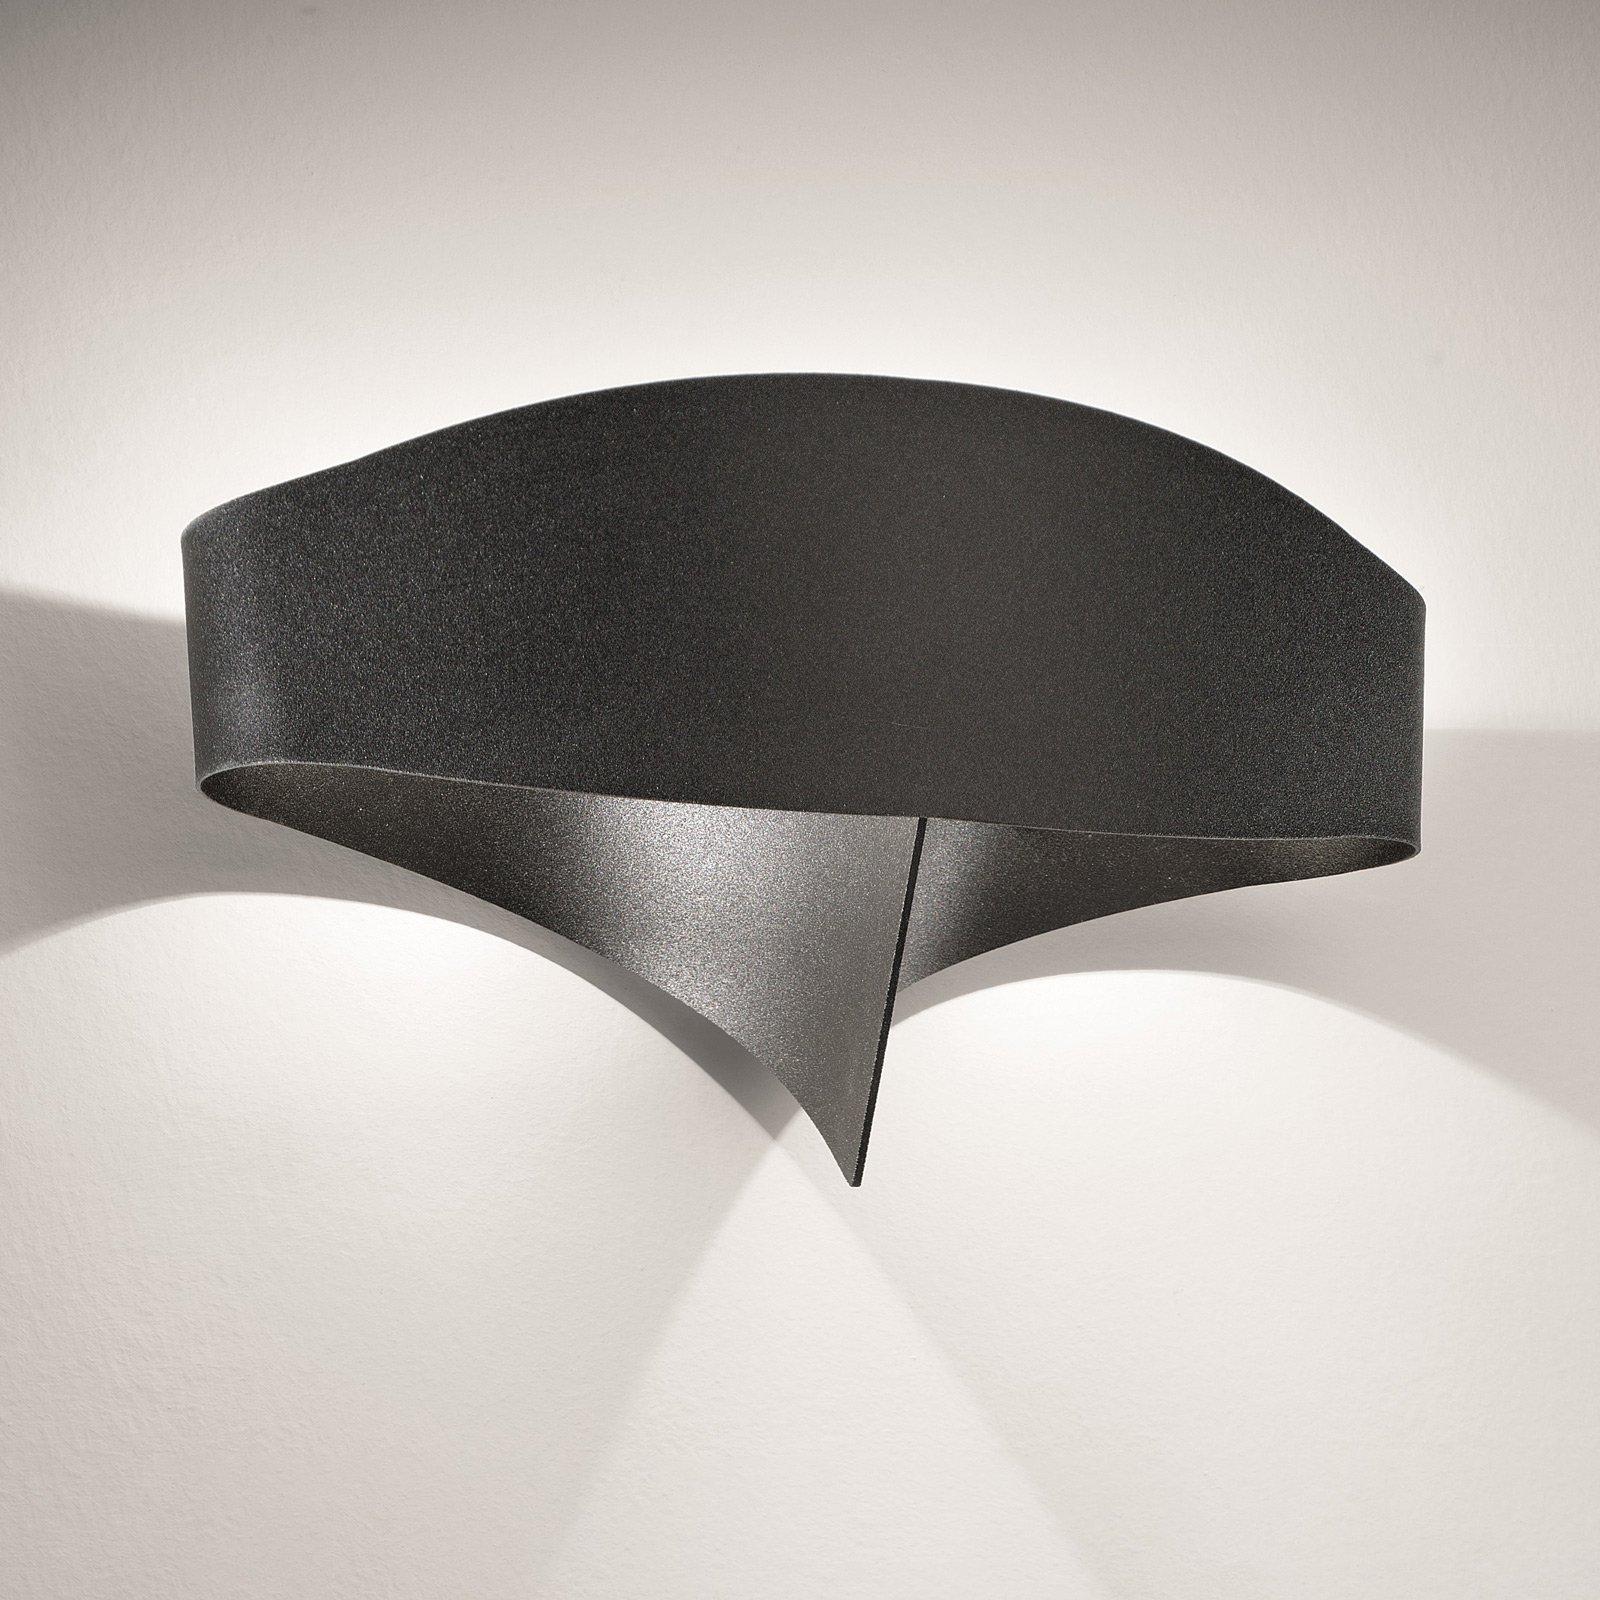 LED-vegglampe Scudo av stål, svart